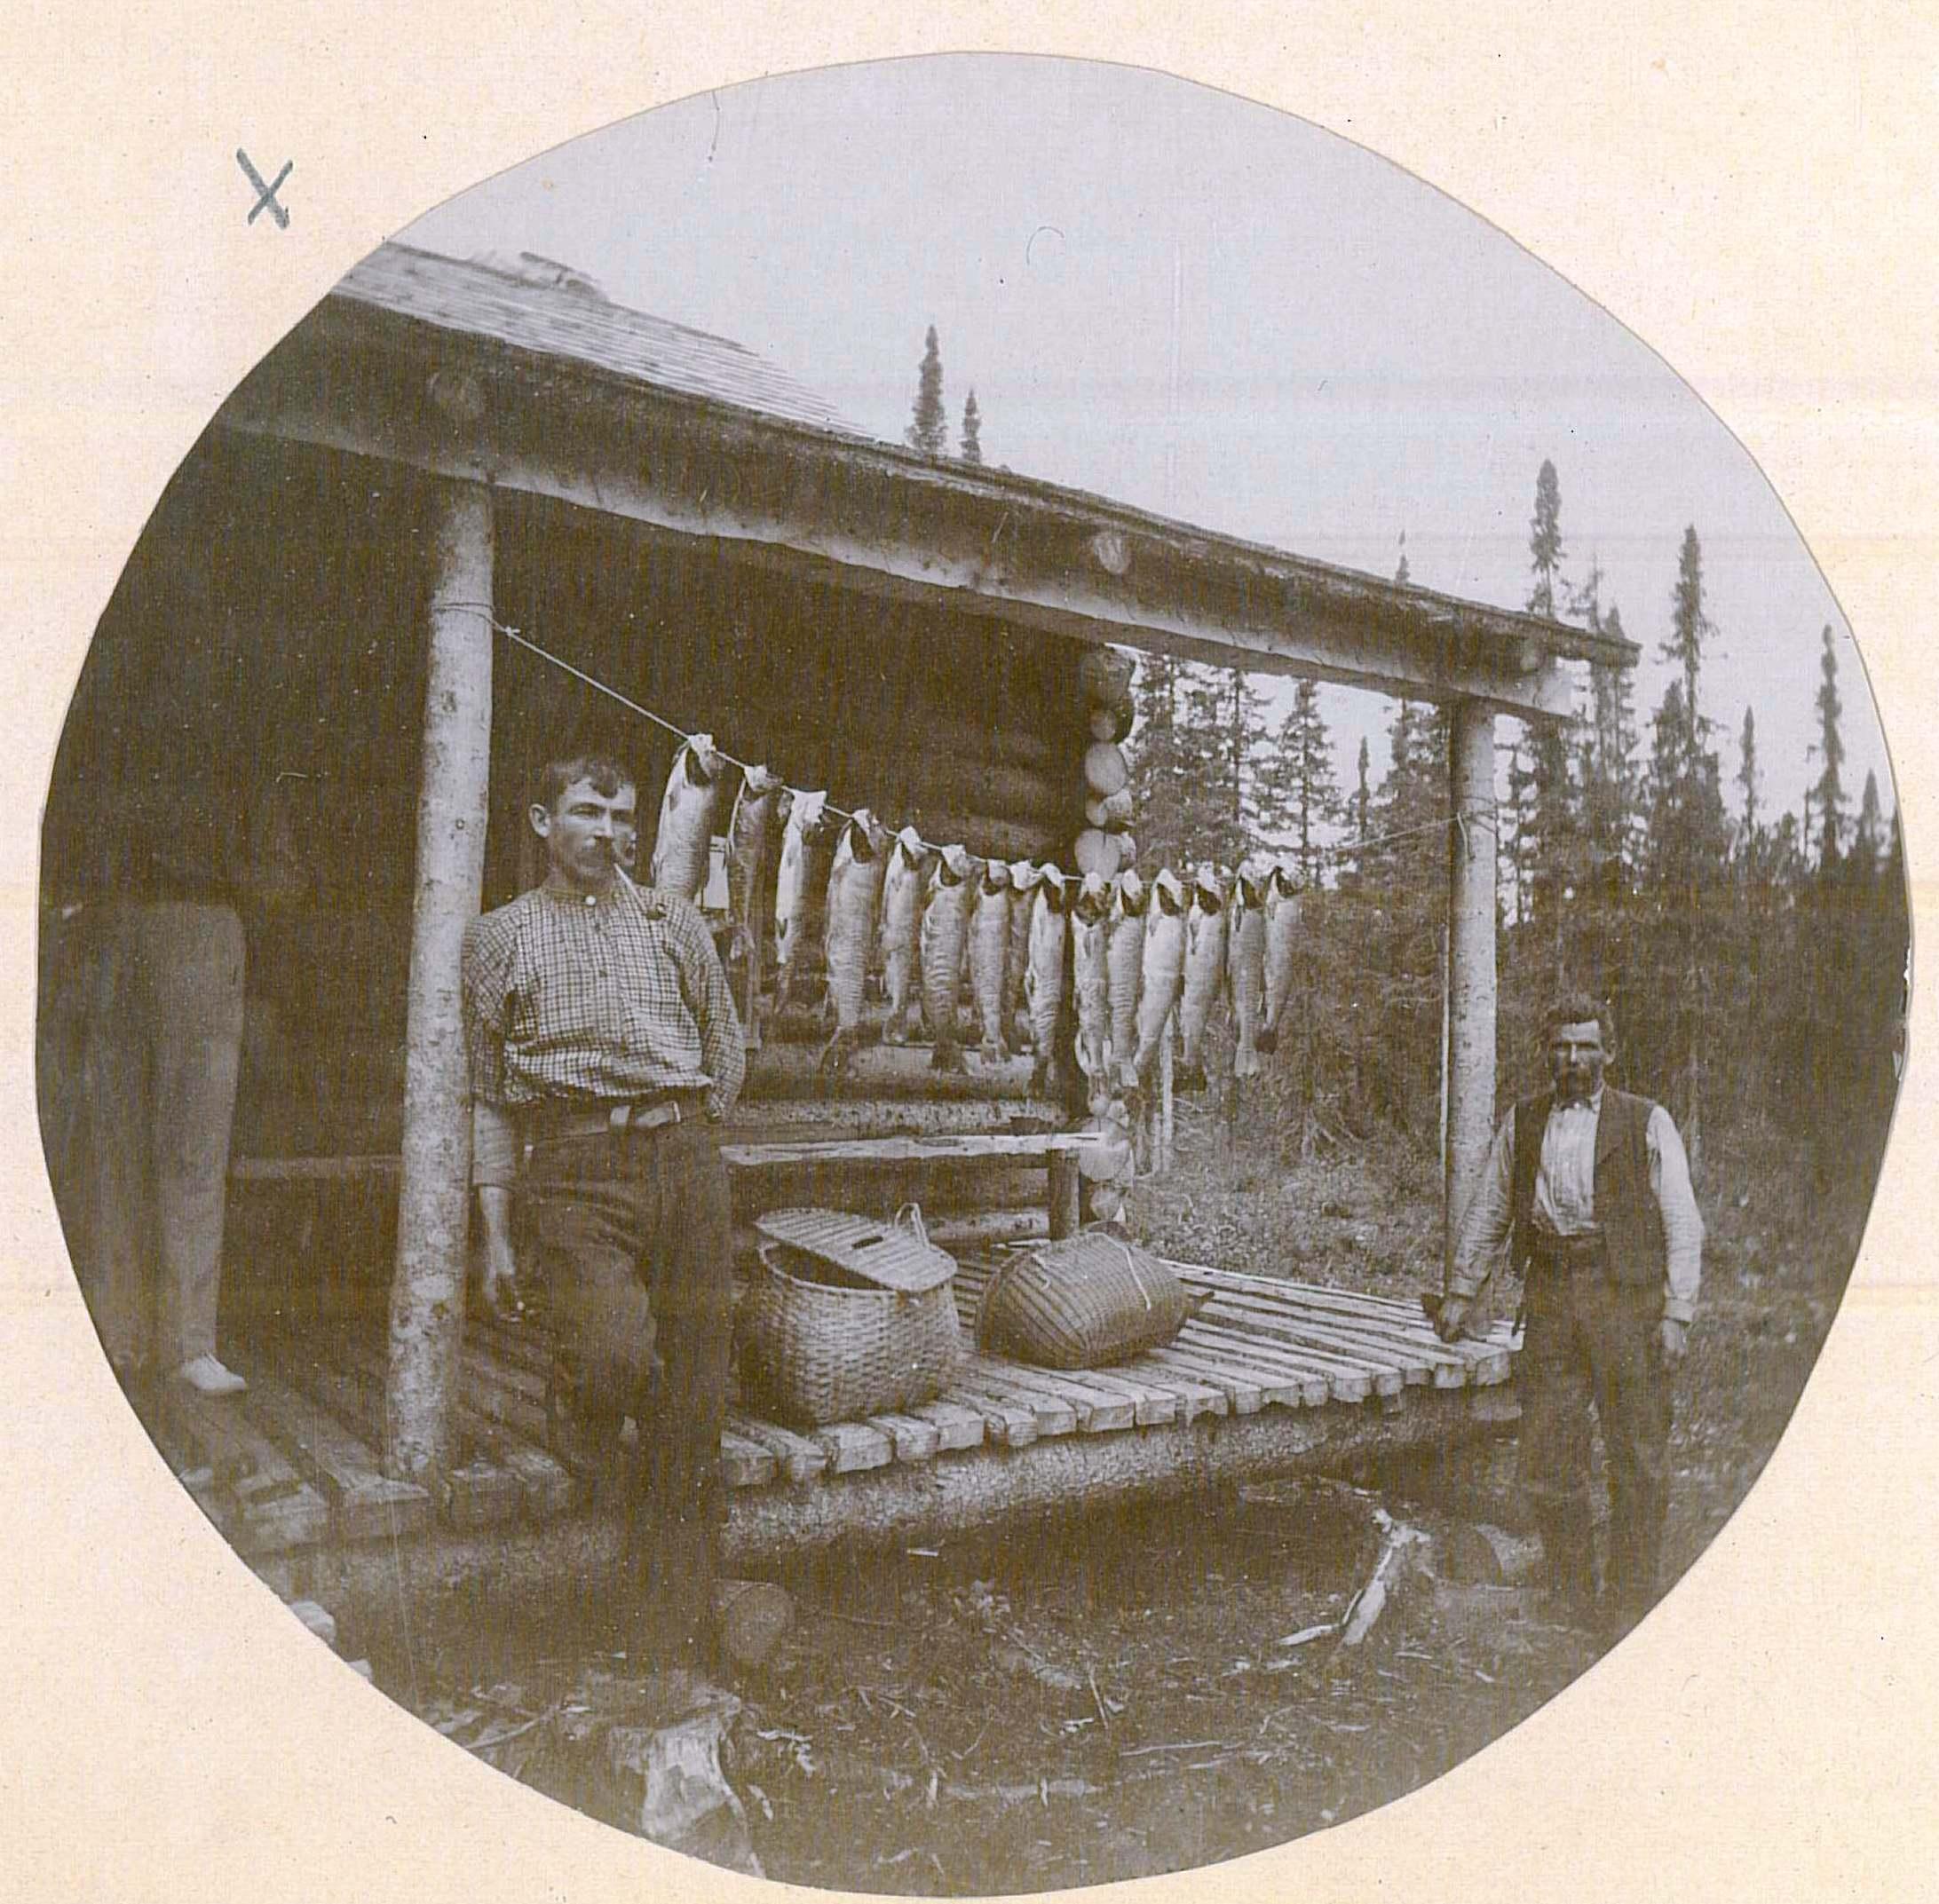 Deux hommes posent près d'un peu plus d'une douzaine de poissons suspendus sous le toit de la galerie d'un camp de pêche.